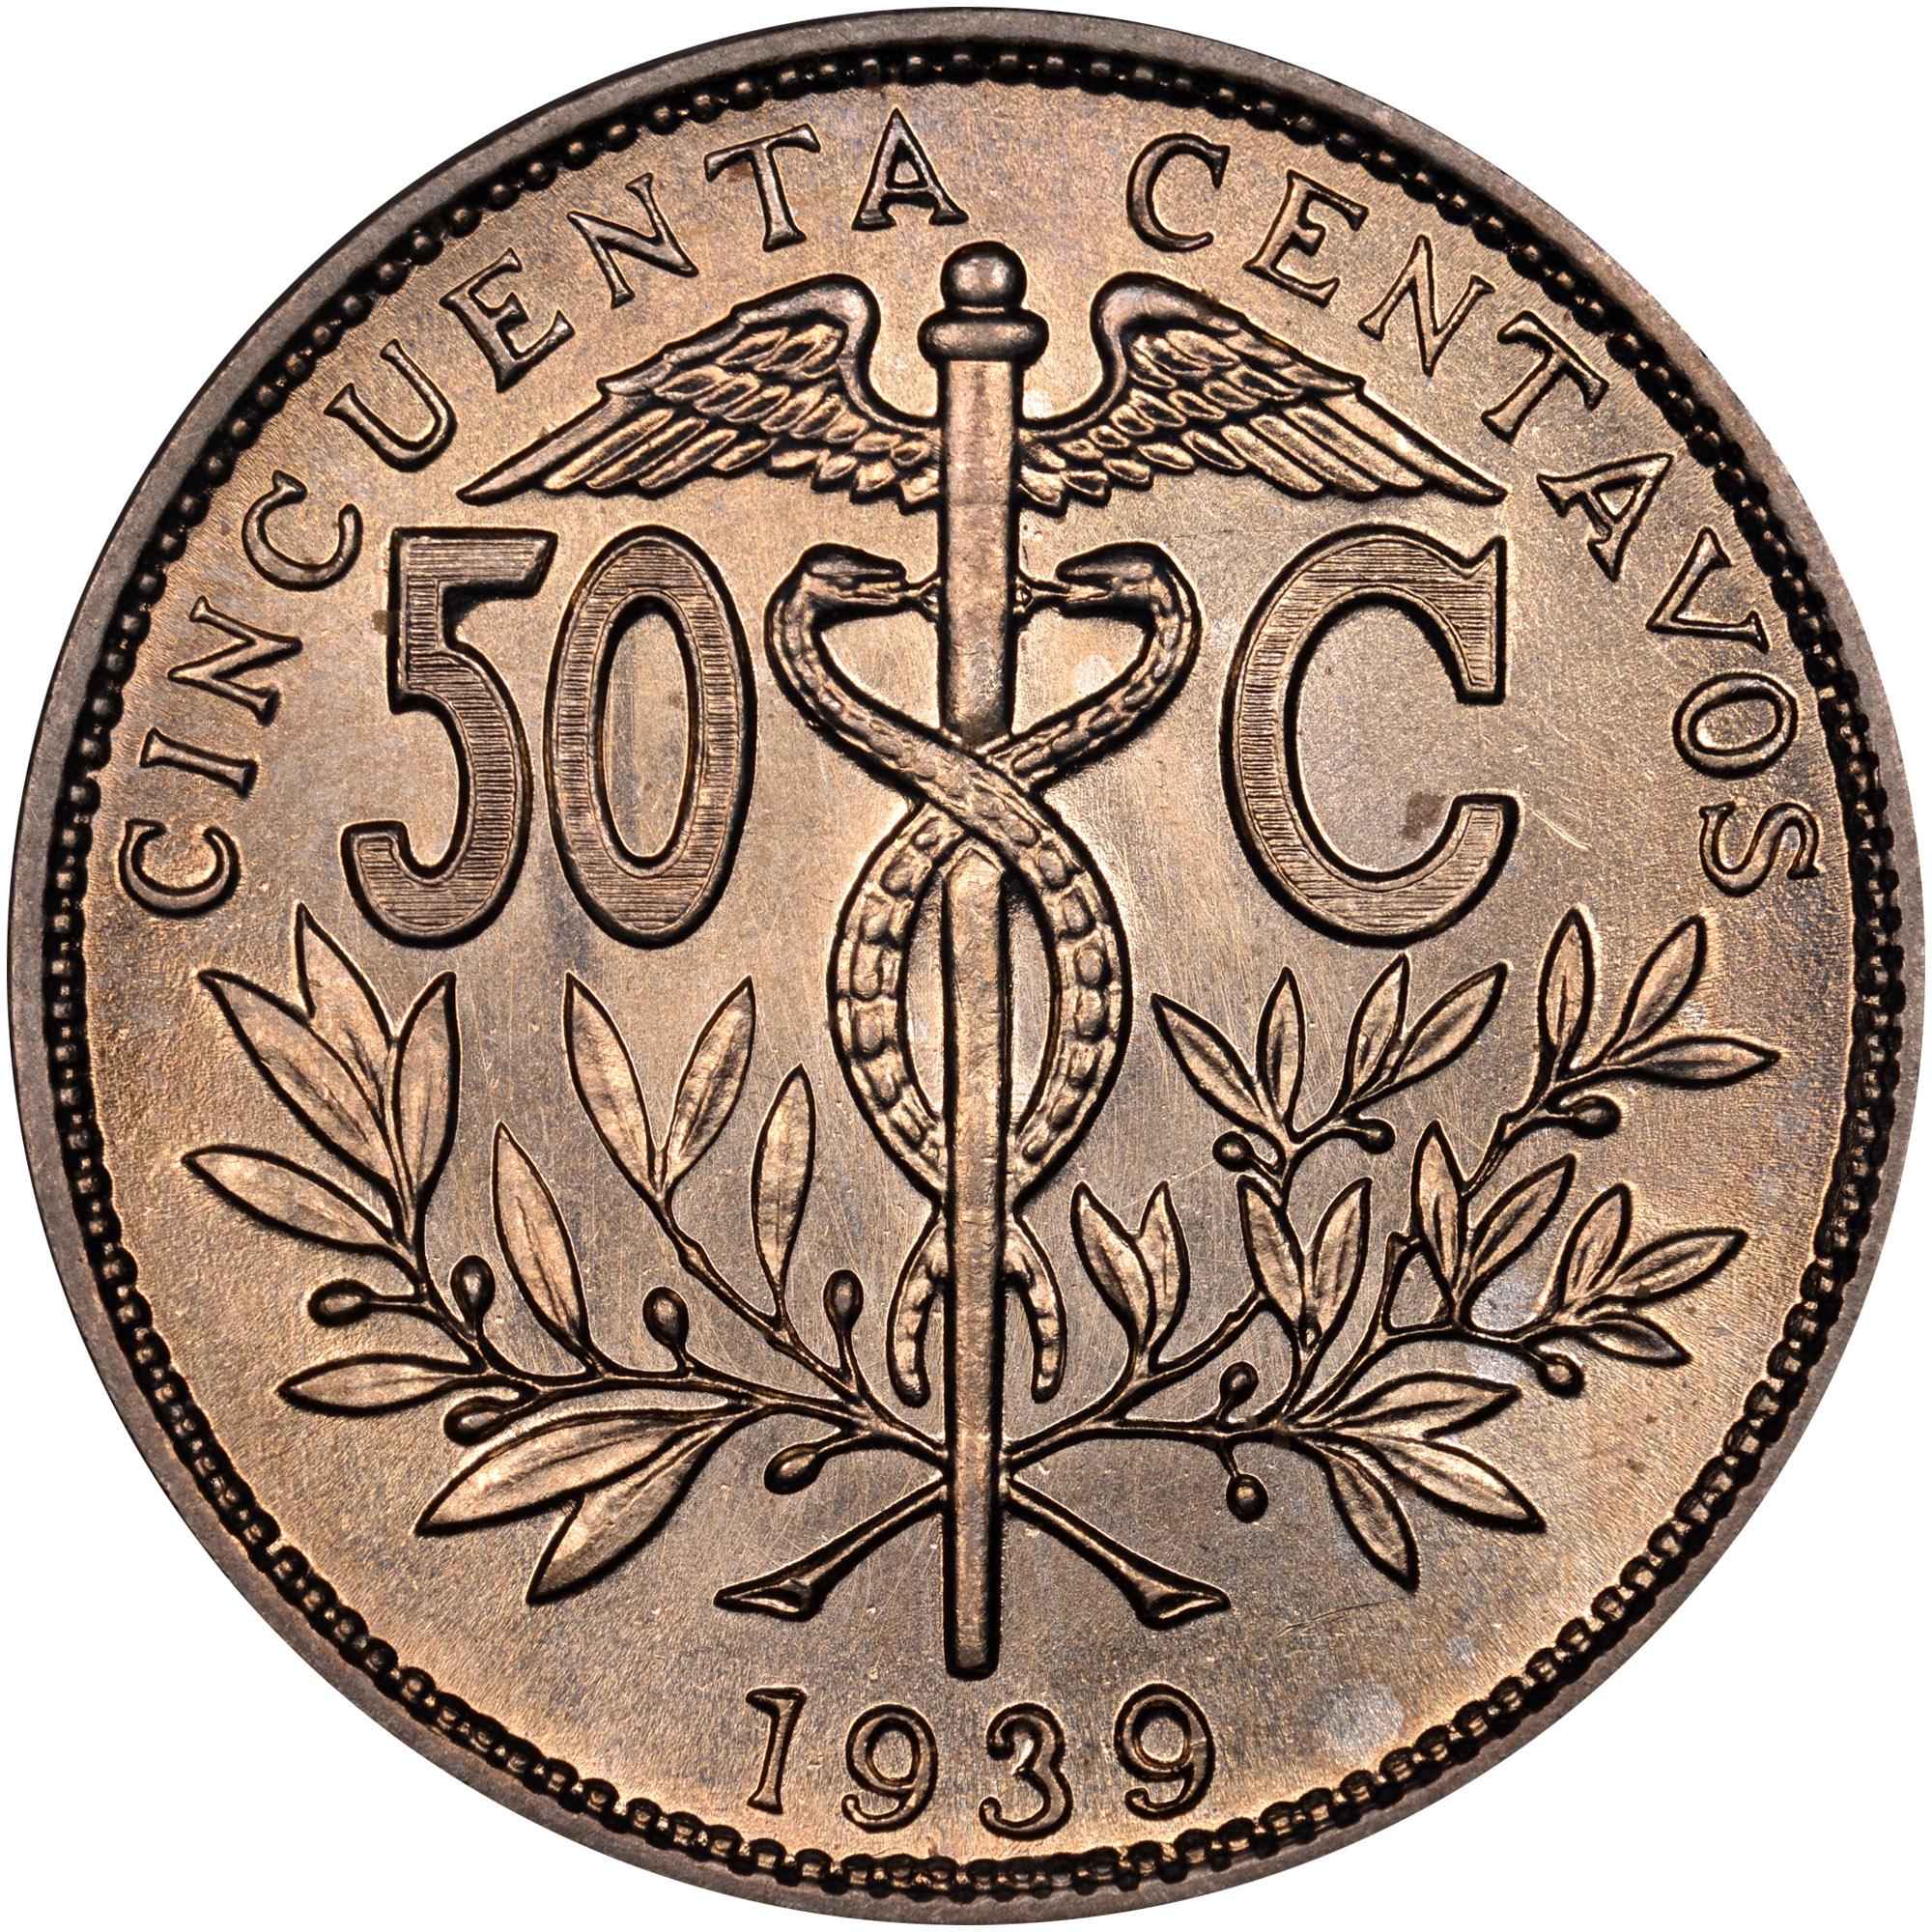 Bolivia 50 Centavos reverse